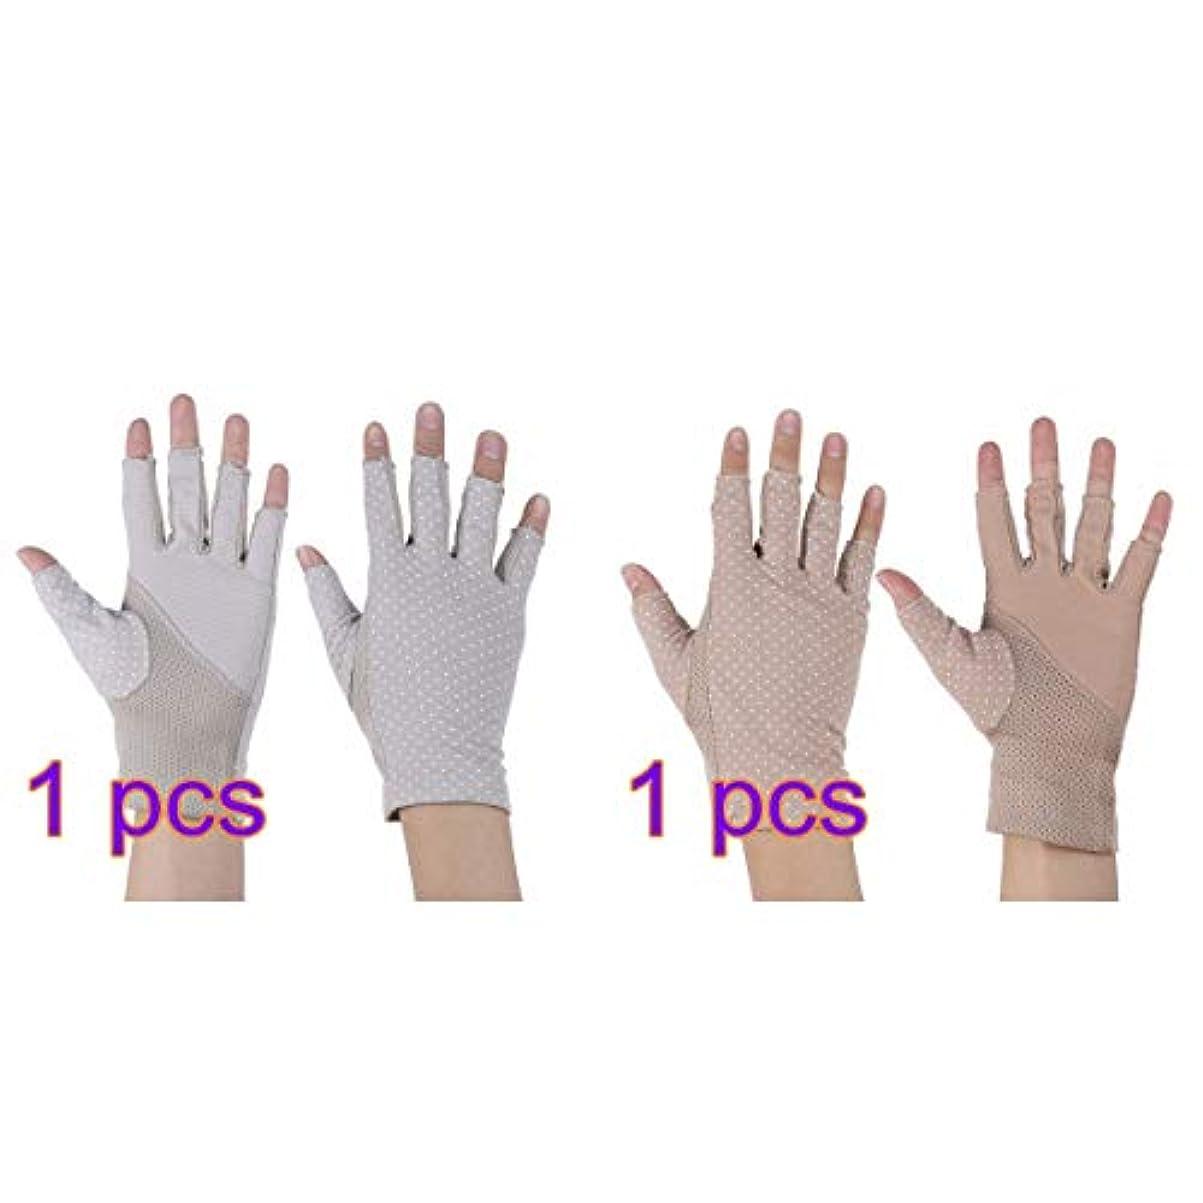 拡声器アサー届けるHealifty Sunblockハーフフィンガーグローブ軽量FingerlessグローブSun Protectionドライビンググローブ女性用夏の手袋2ペア